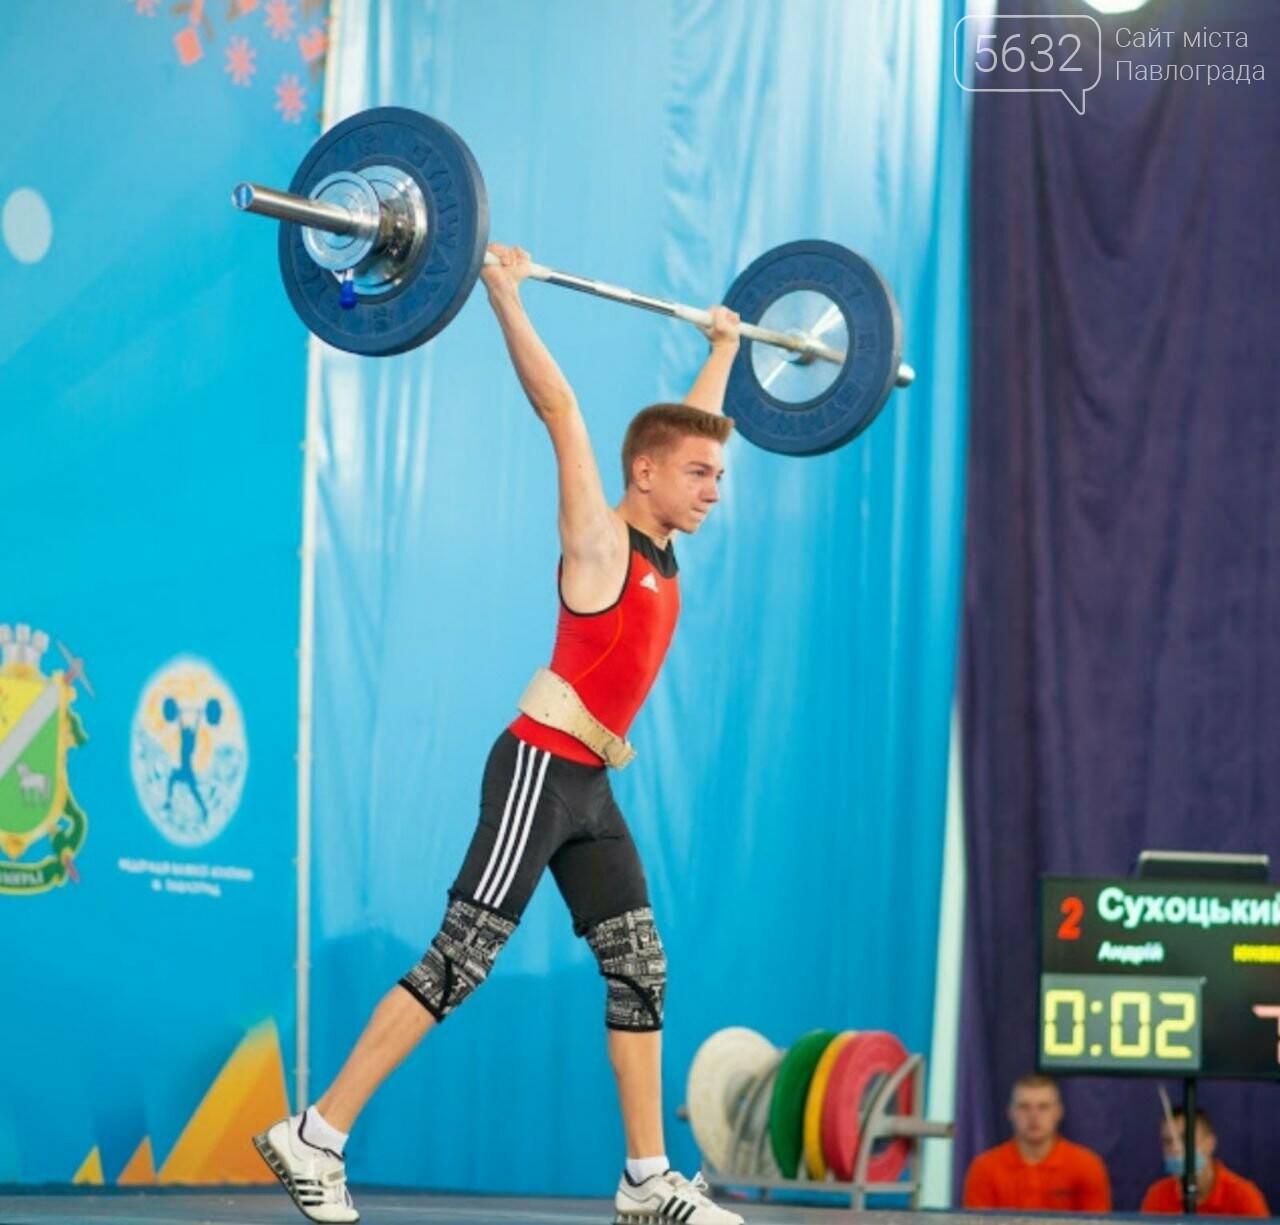 В Павлограде прошёл чемпионат Украины по тяжёлой атлетике, фото-2